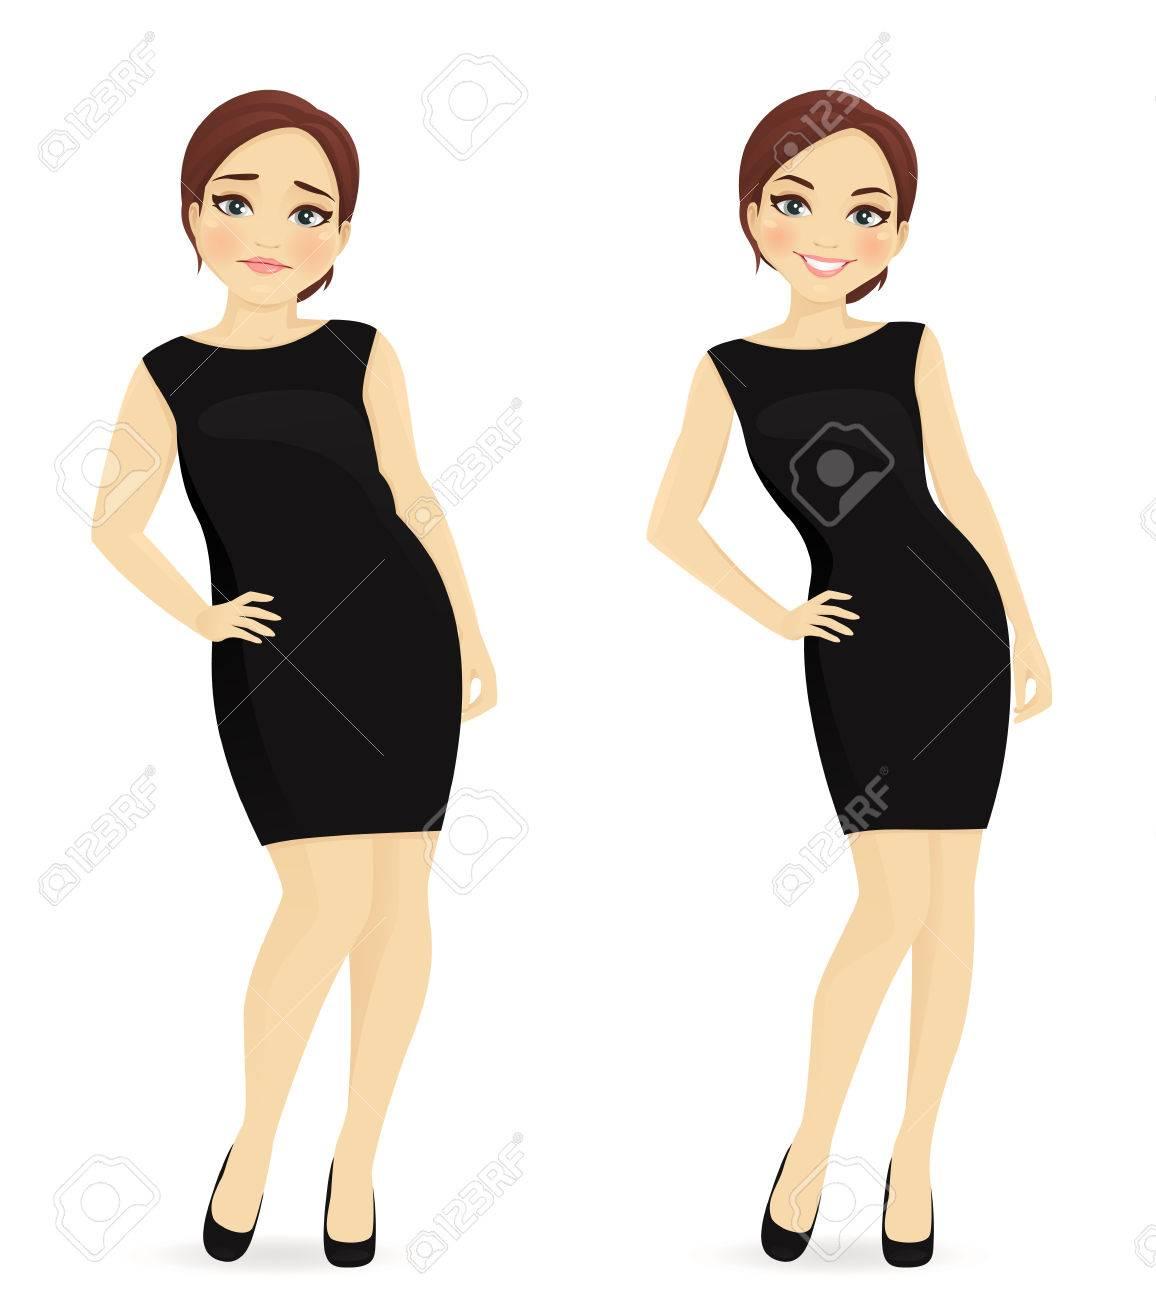 Vet en slanke vrouw, voor en na gewichtsverlies in zwarte jurk geïsoleerd